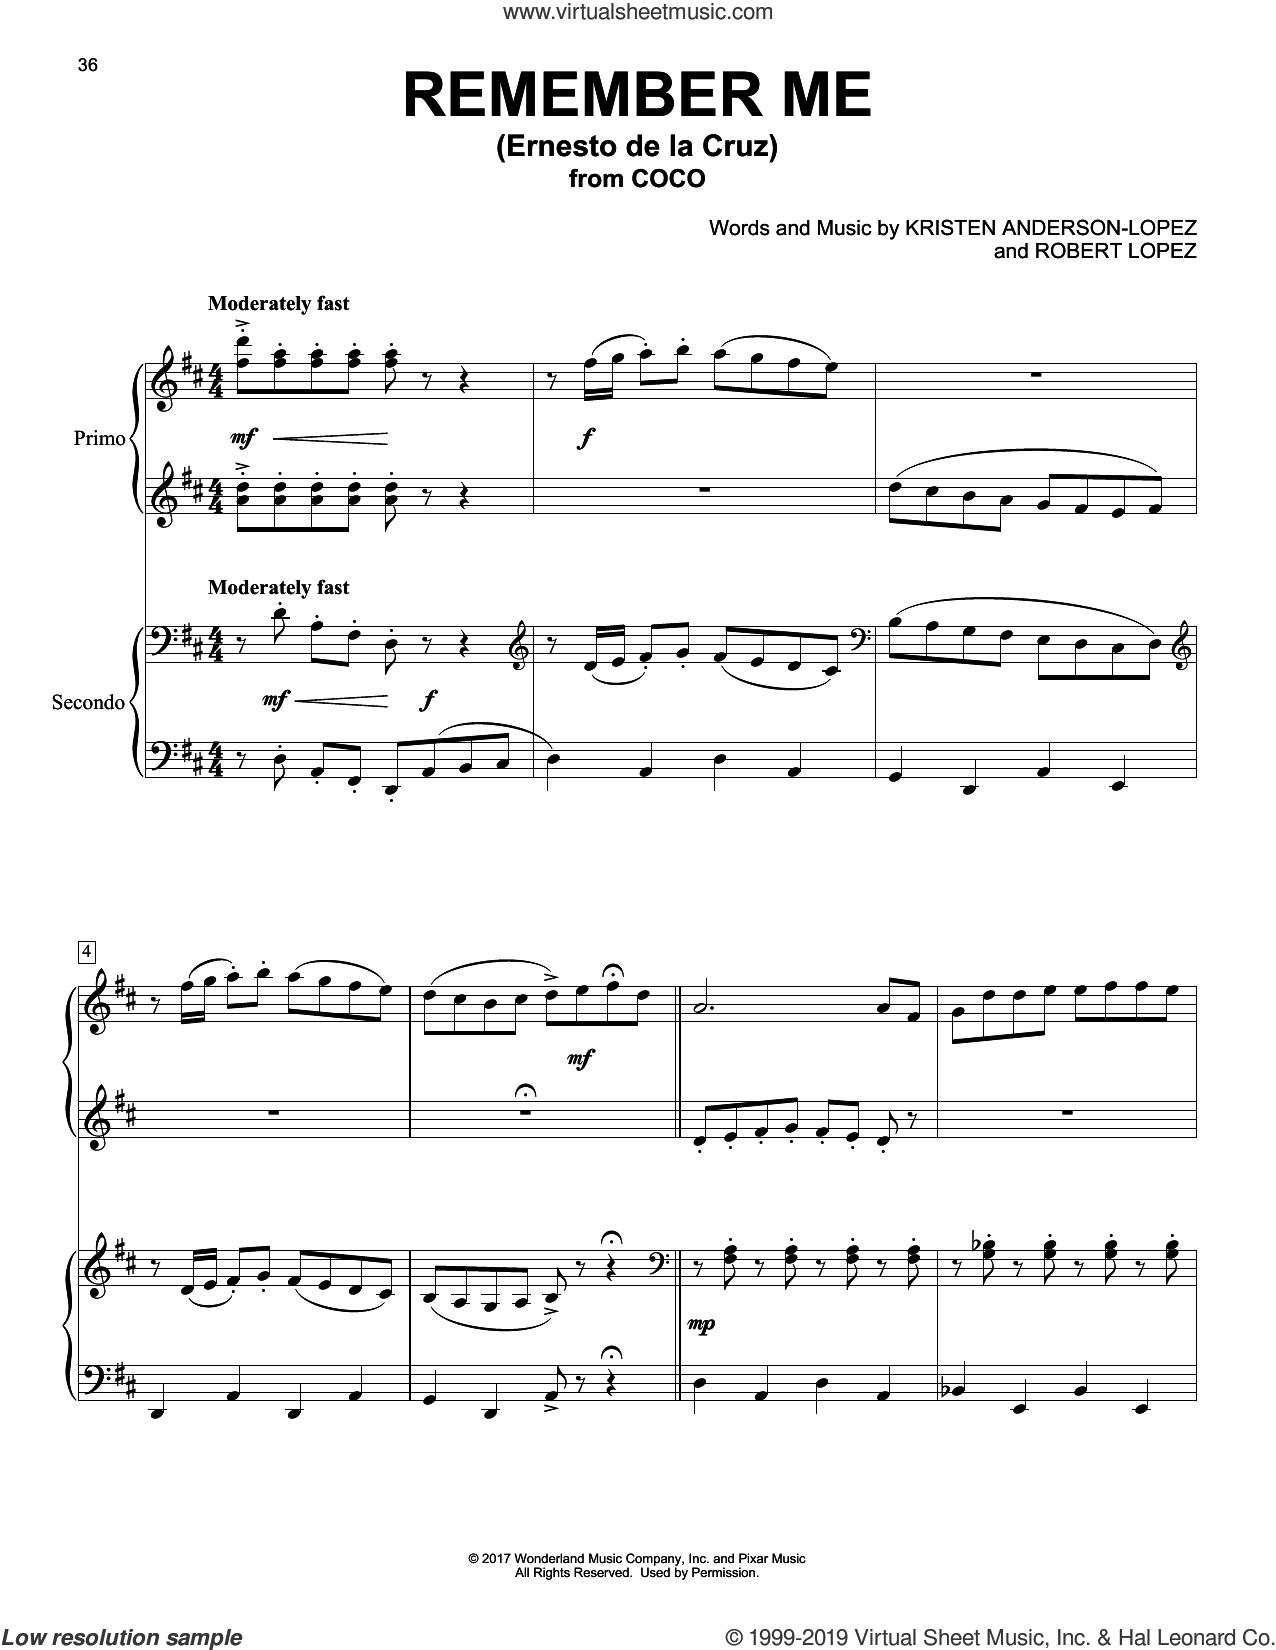 Remember Me (Ernesto de la Cruz) (from Coco) sheet music for piano four hands by Kristen Anderson-Lopez & Robert Lopez, Kristen Anderson-Lopez and Robert Lopez, intermediate skill level